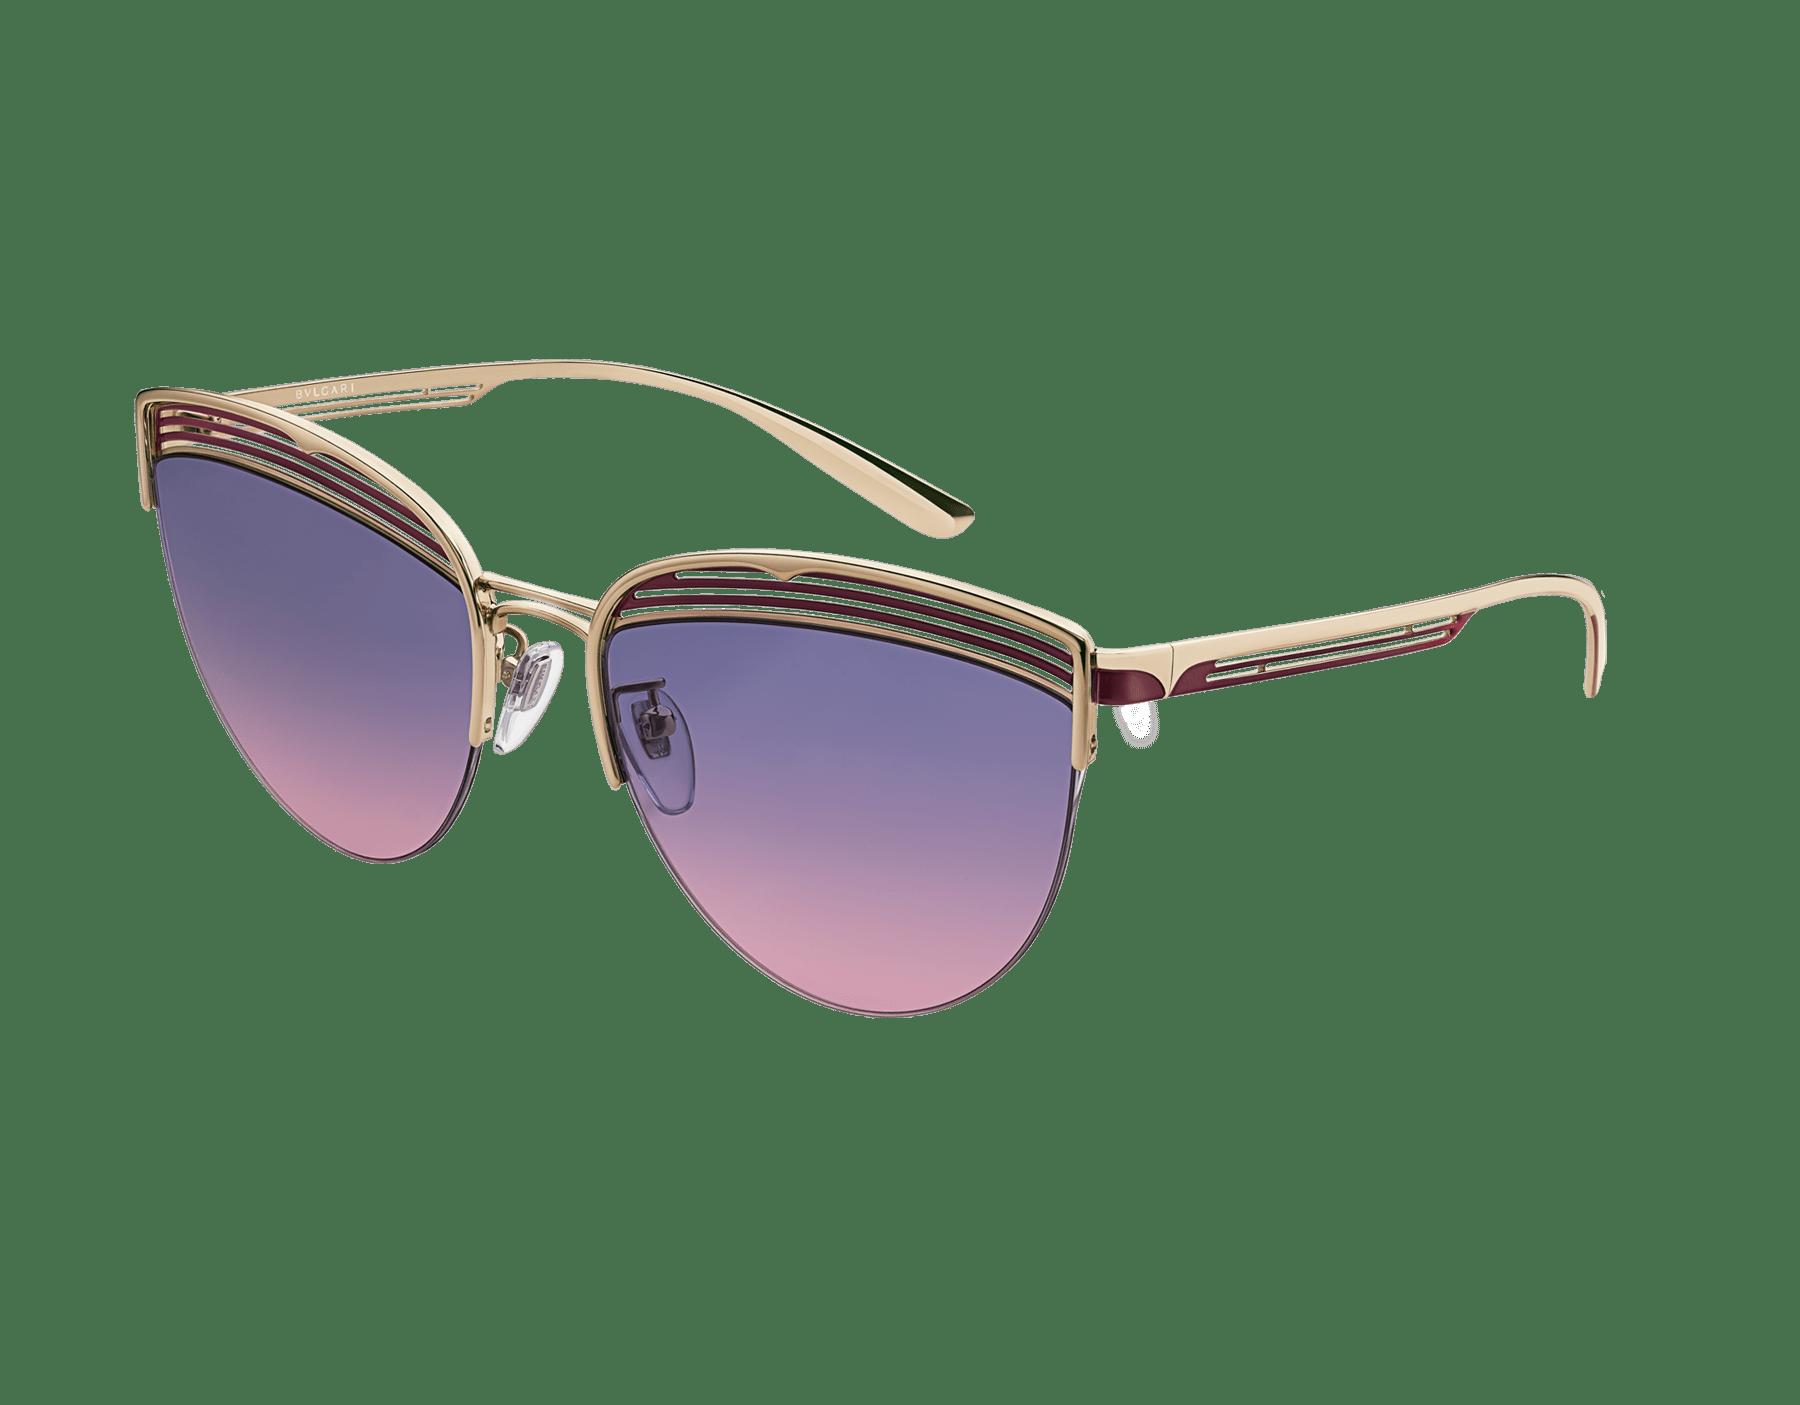 Bvlgari B.zero1 B.purevibes semi-rimless cat-eye metal sunglasses. 903716 image 1